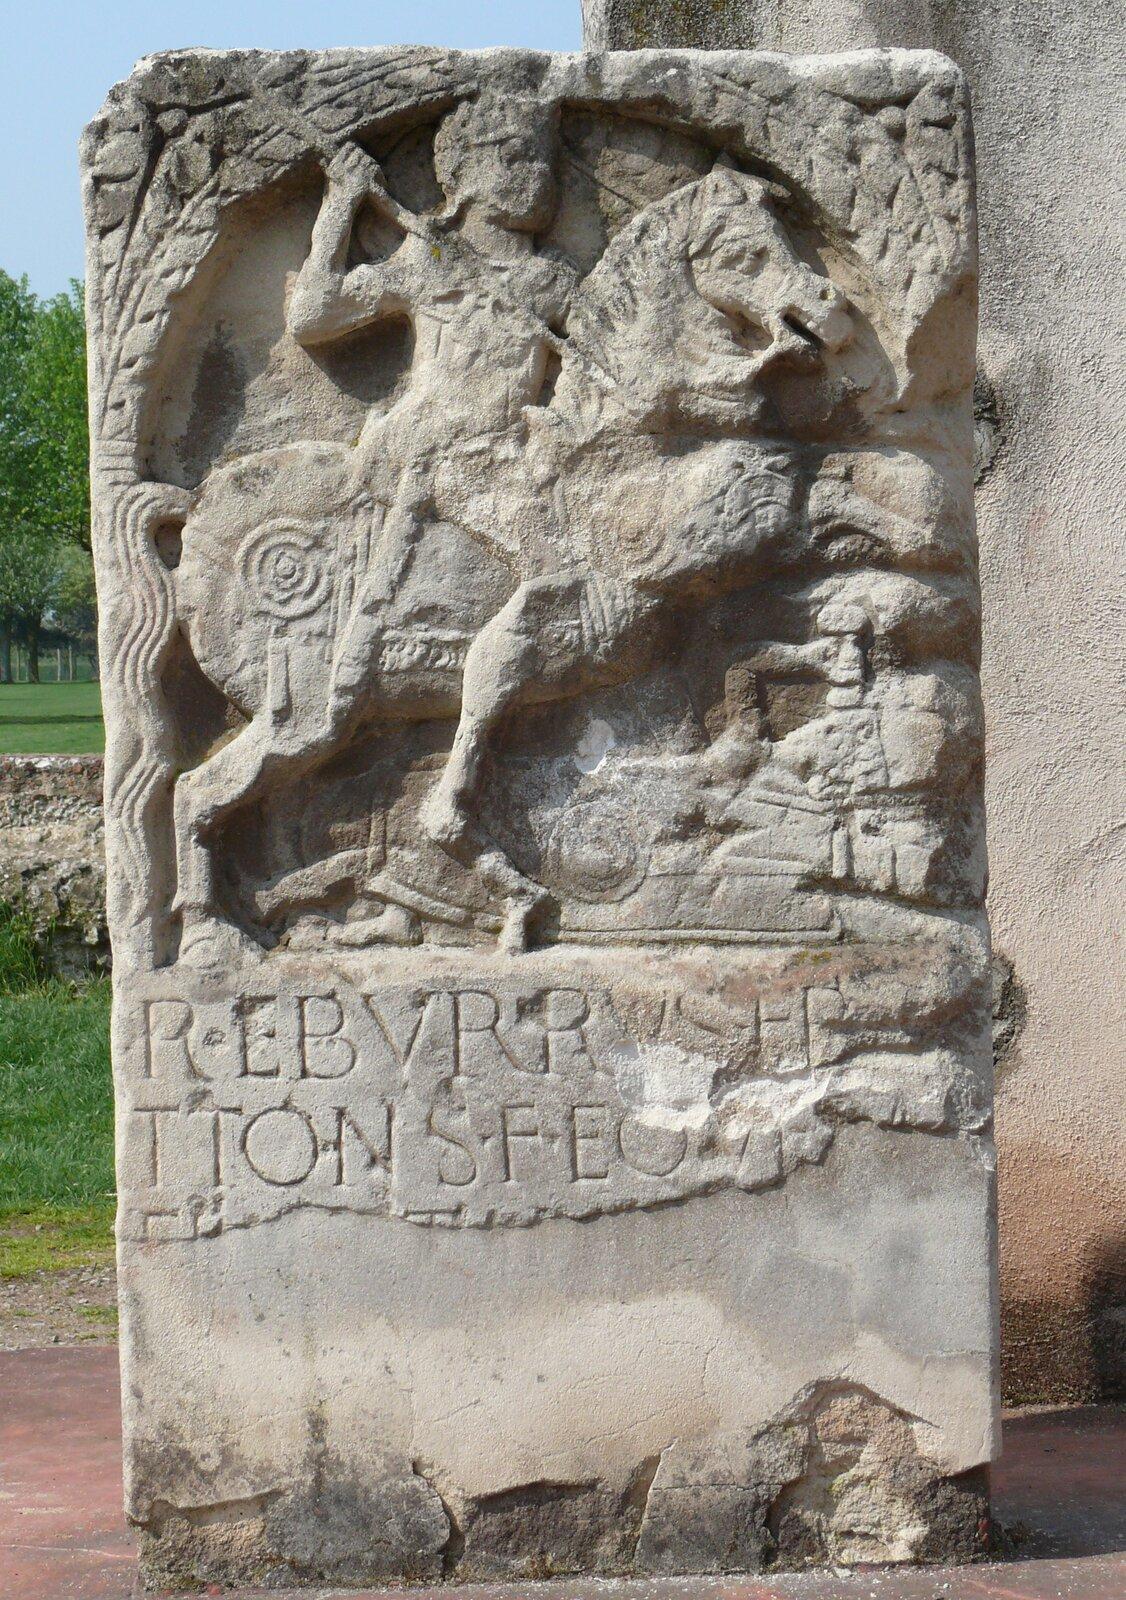 Stela nagrobna germańskiego wojownika Stela nagrobna germańskiego wojownika Źródło: Ad Meskens, licencja: CC BY-SA 3.0.